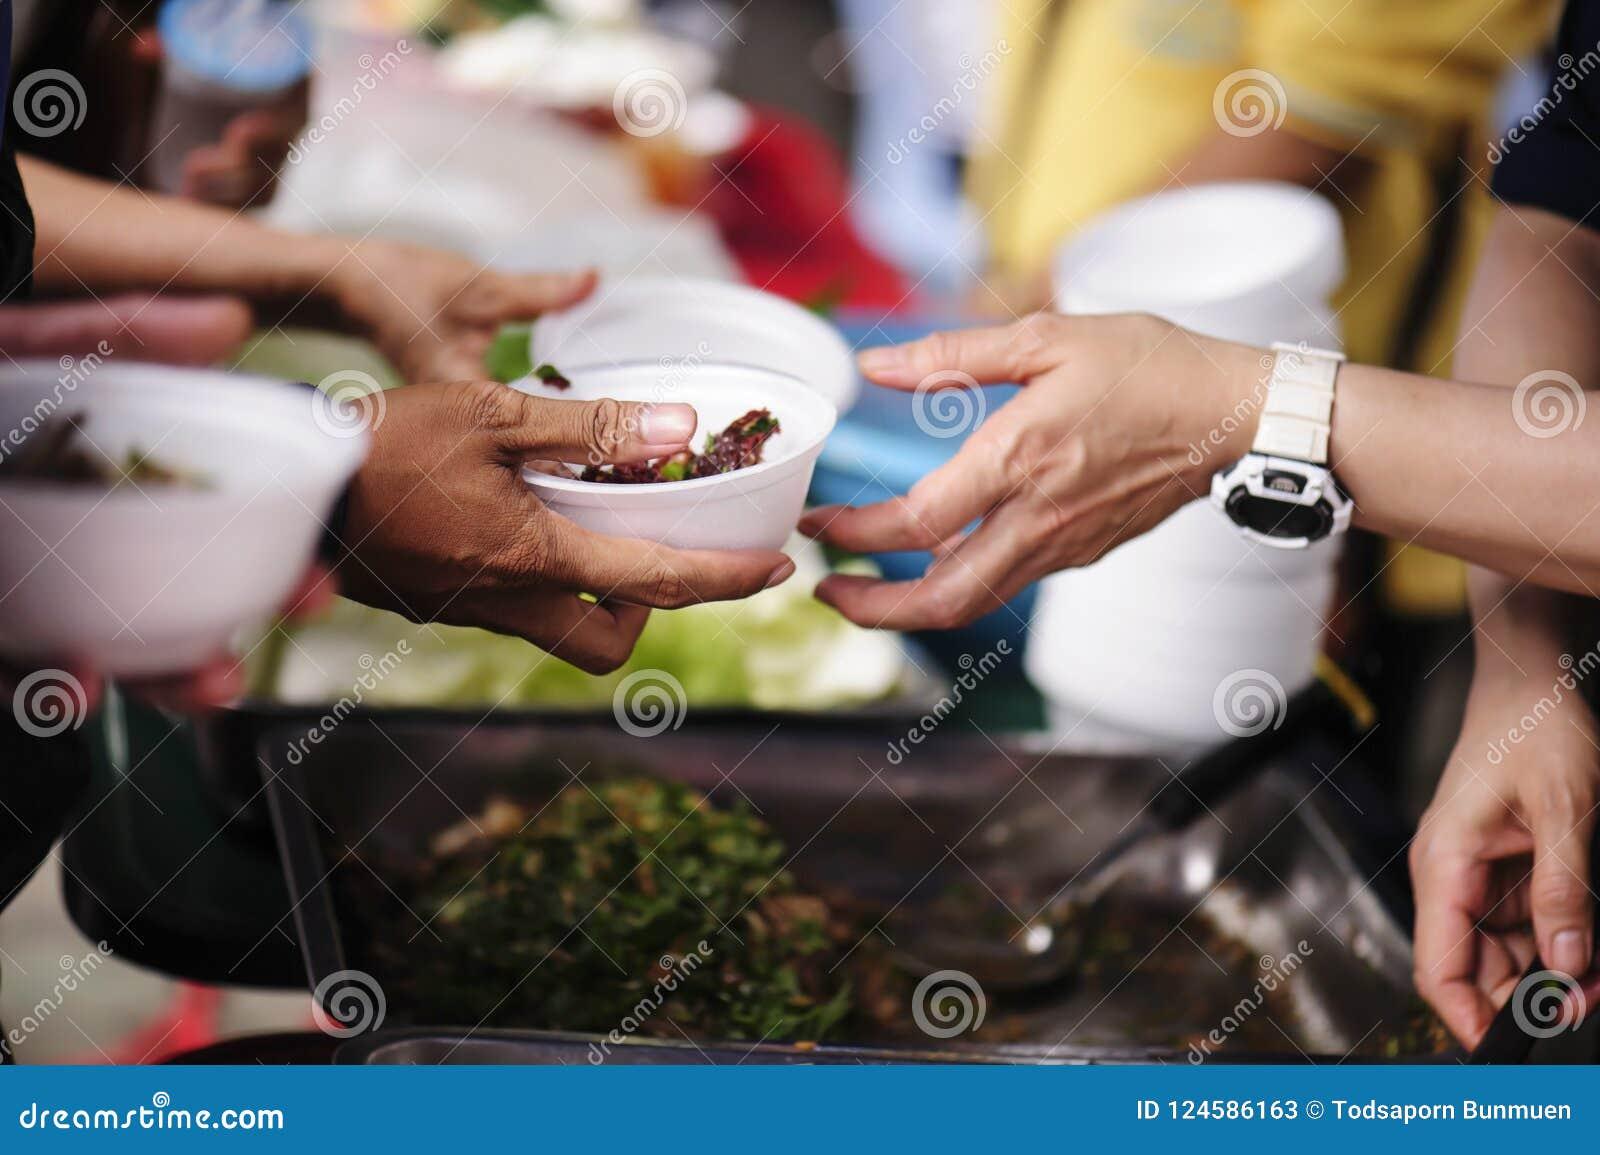 Пожертвование еды для того чтобы сбросить голод Концепция бедности